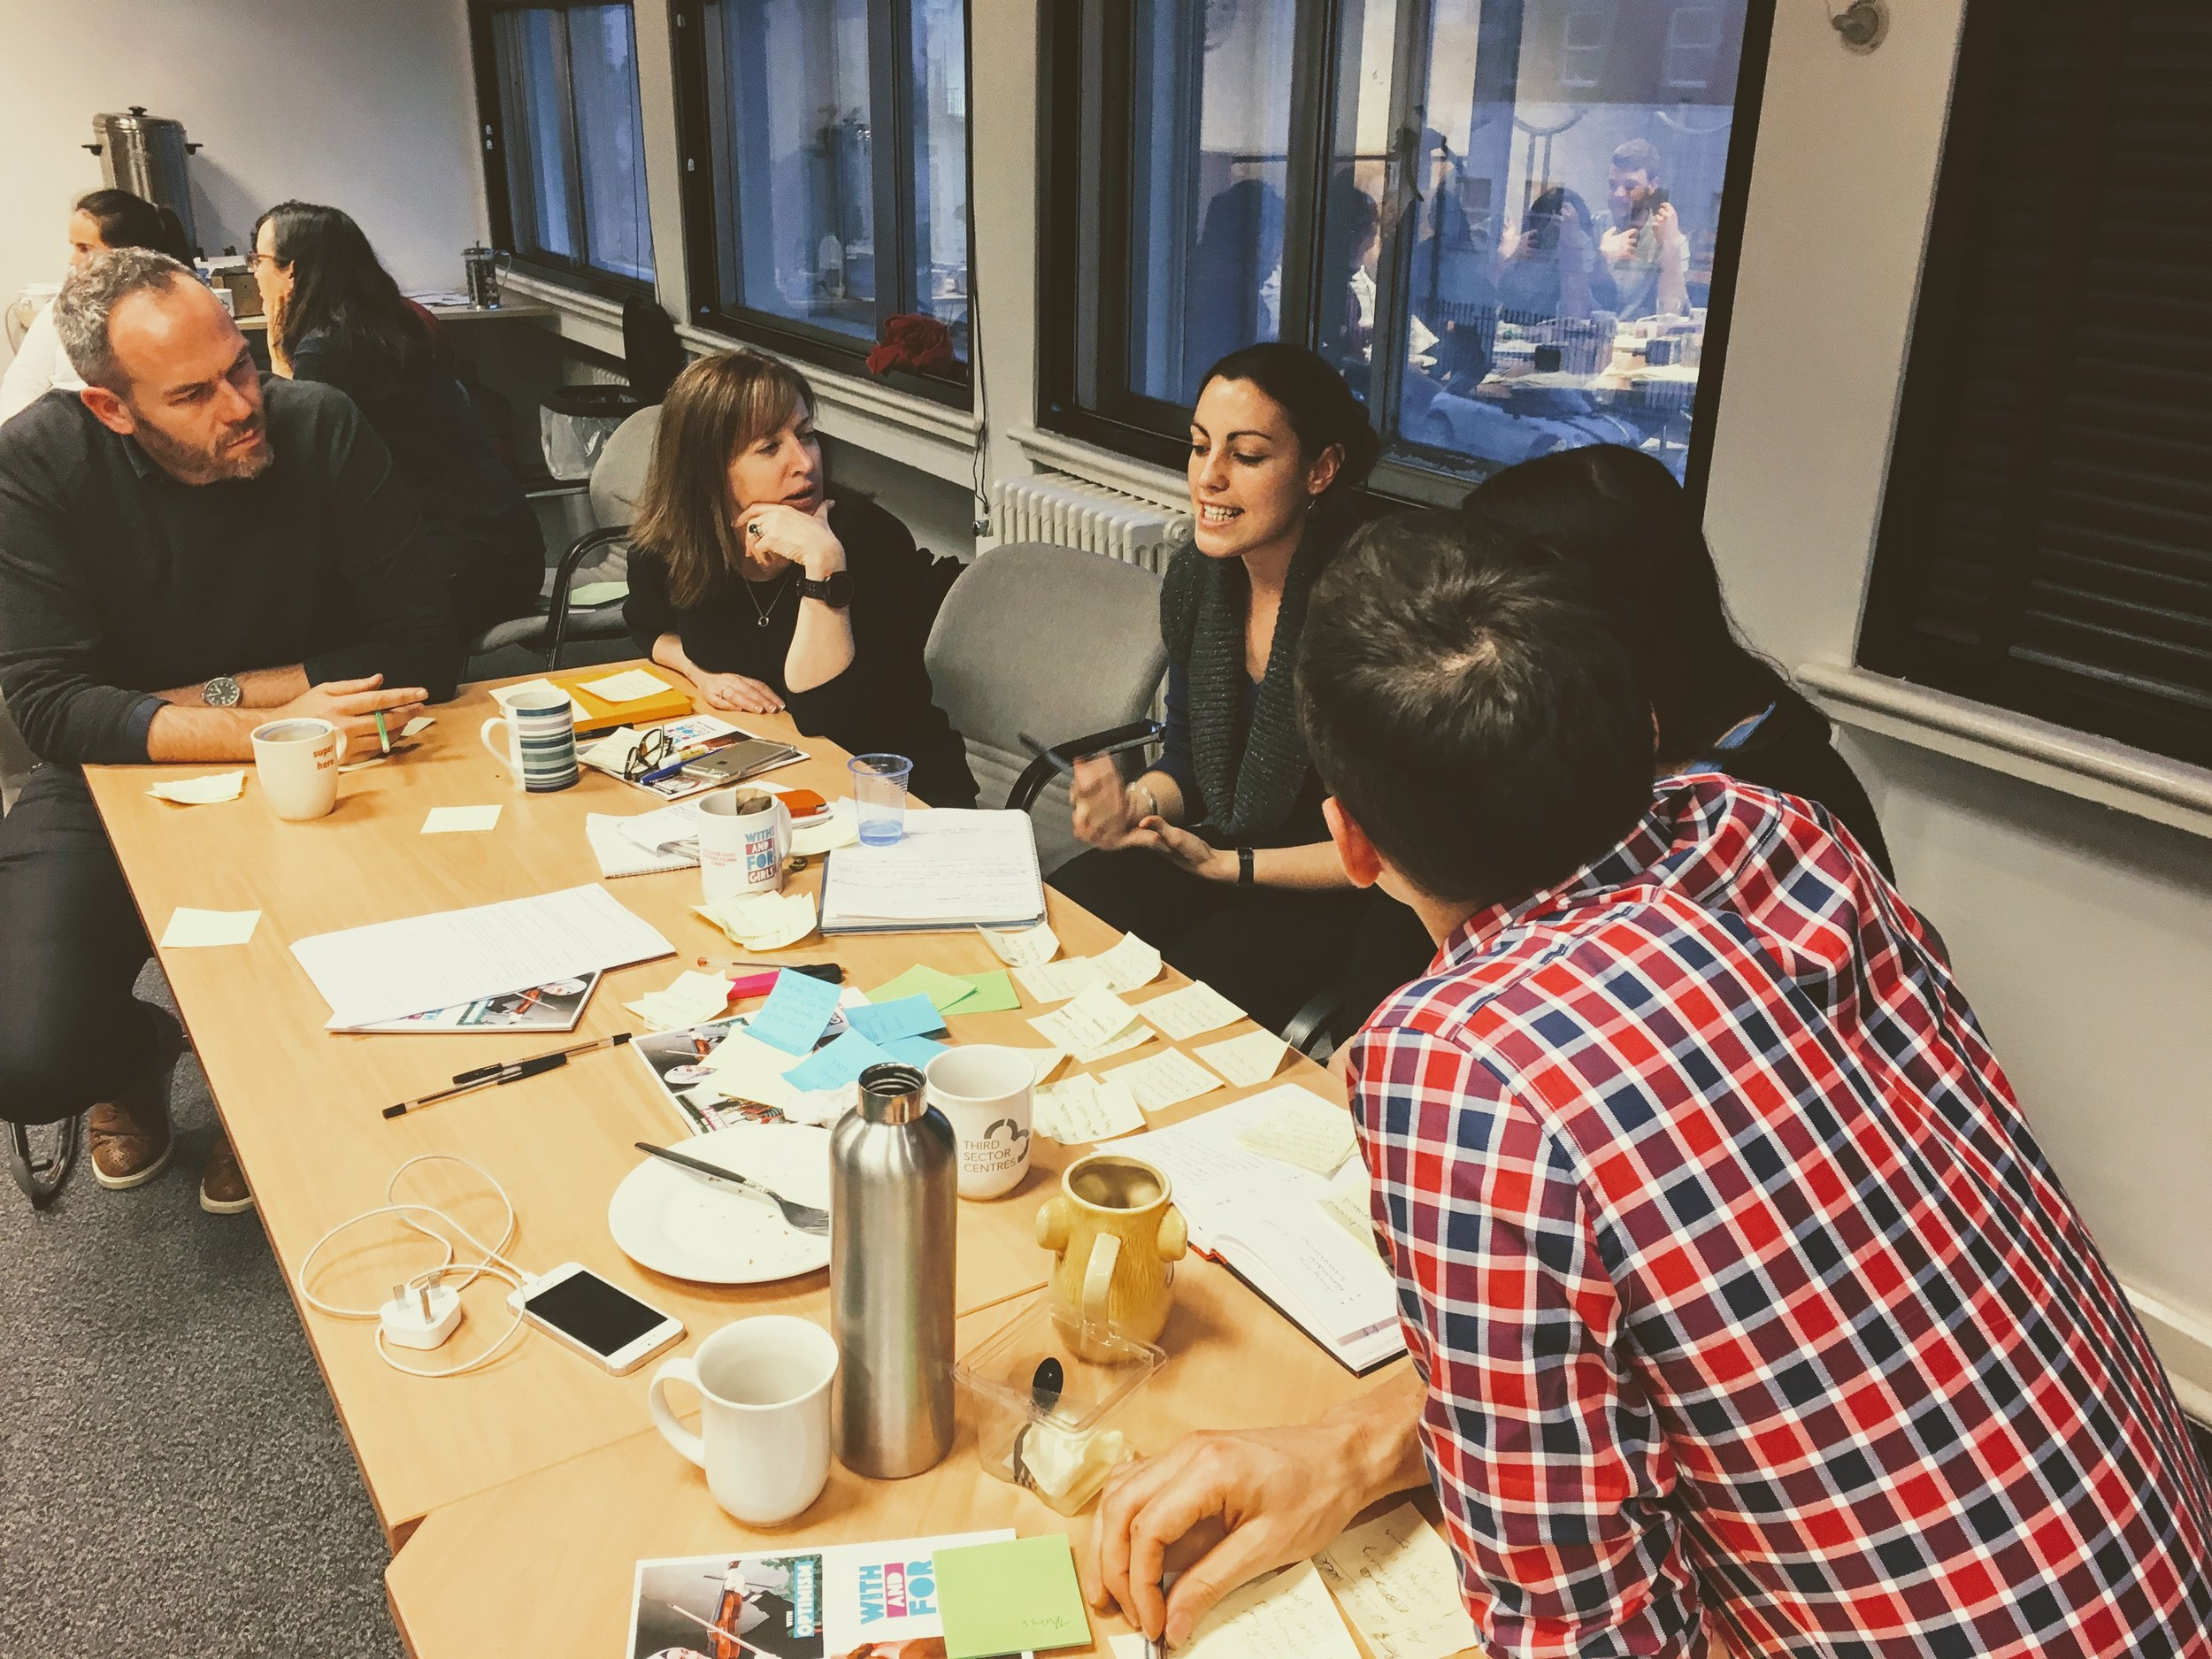 A team deciding how to prototype their concept